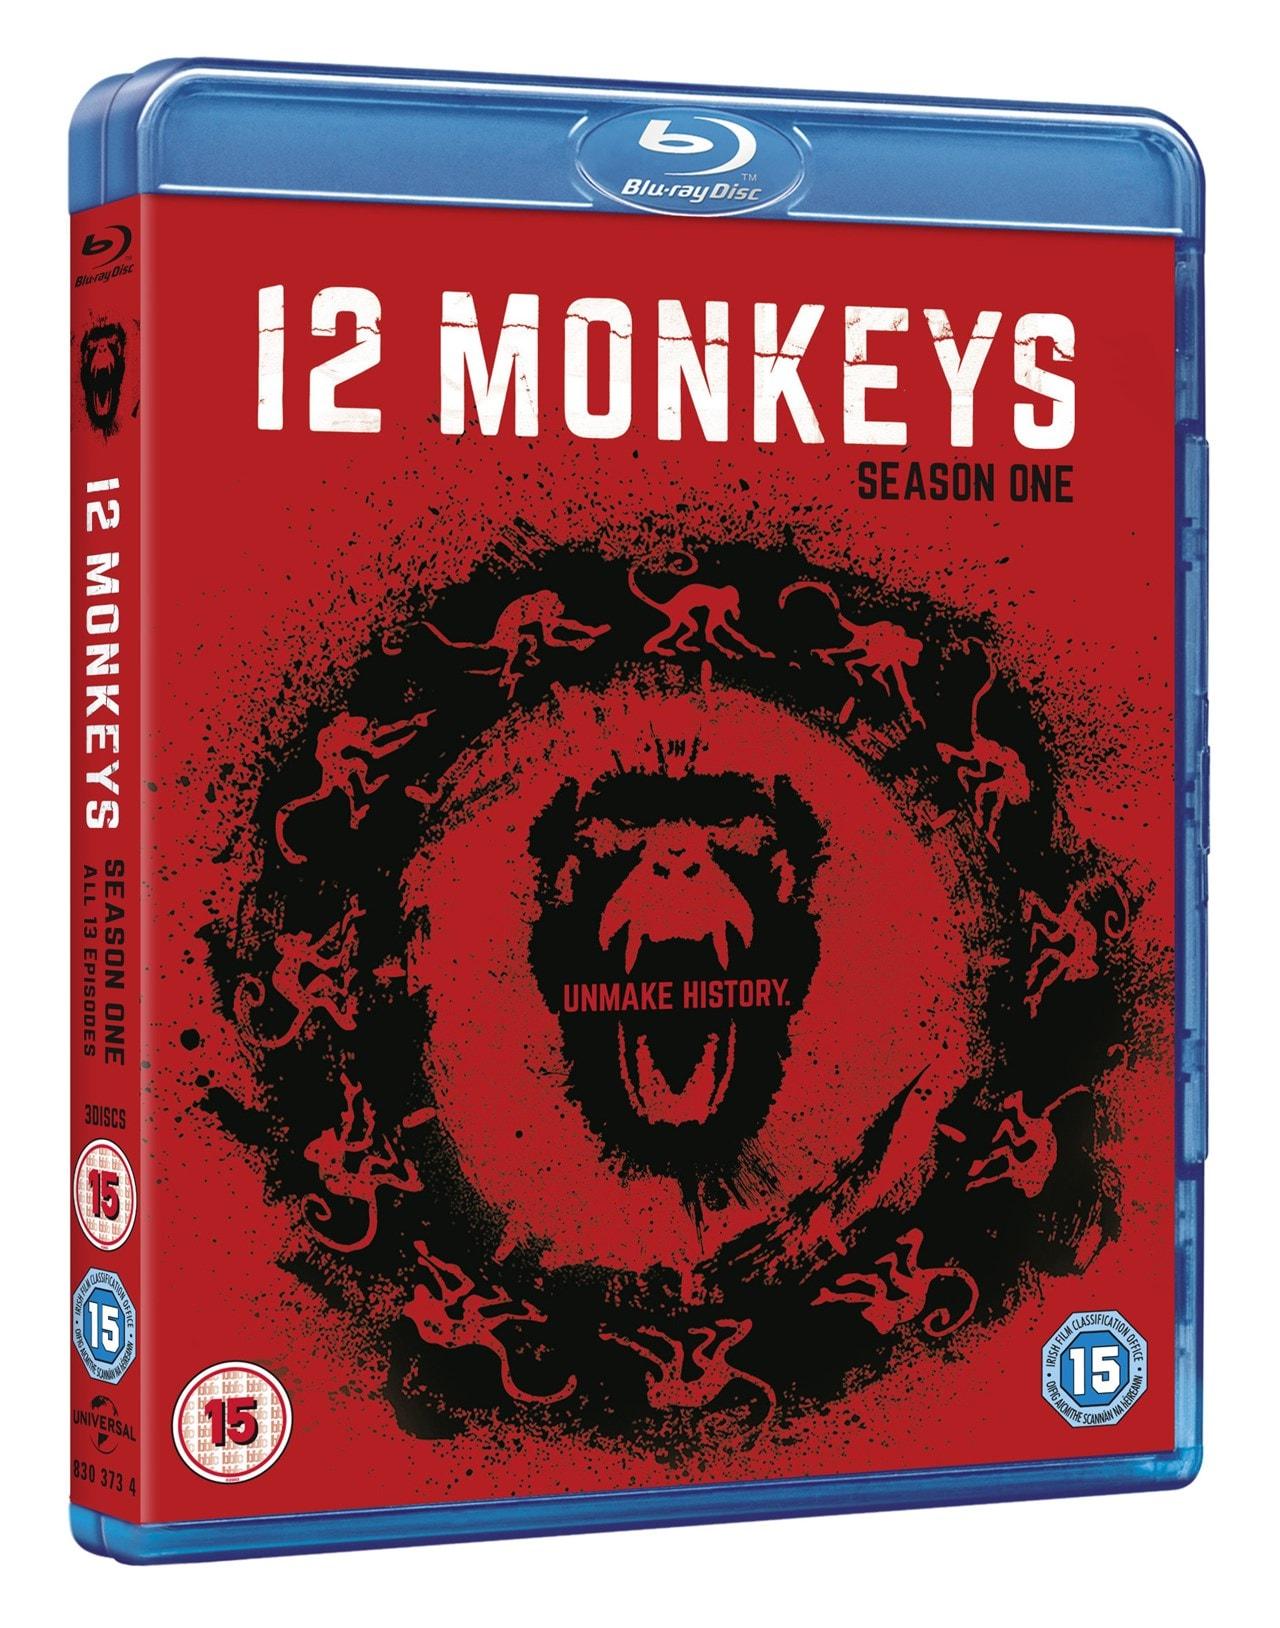 12 Monkeys: Season 1 - 2